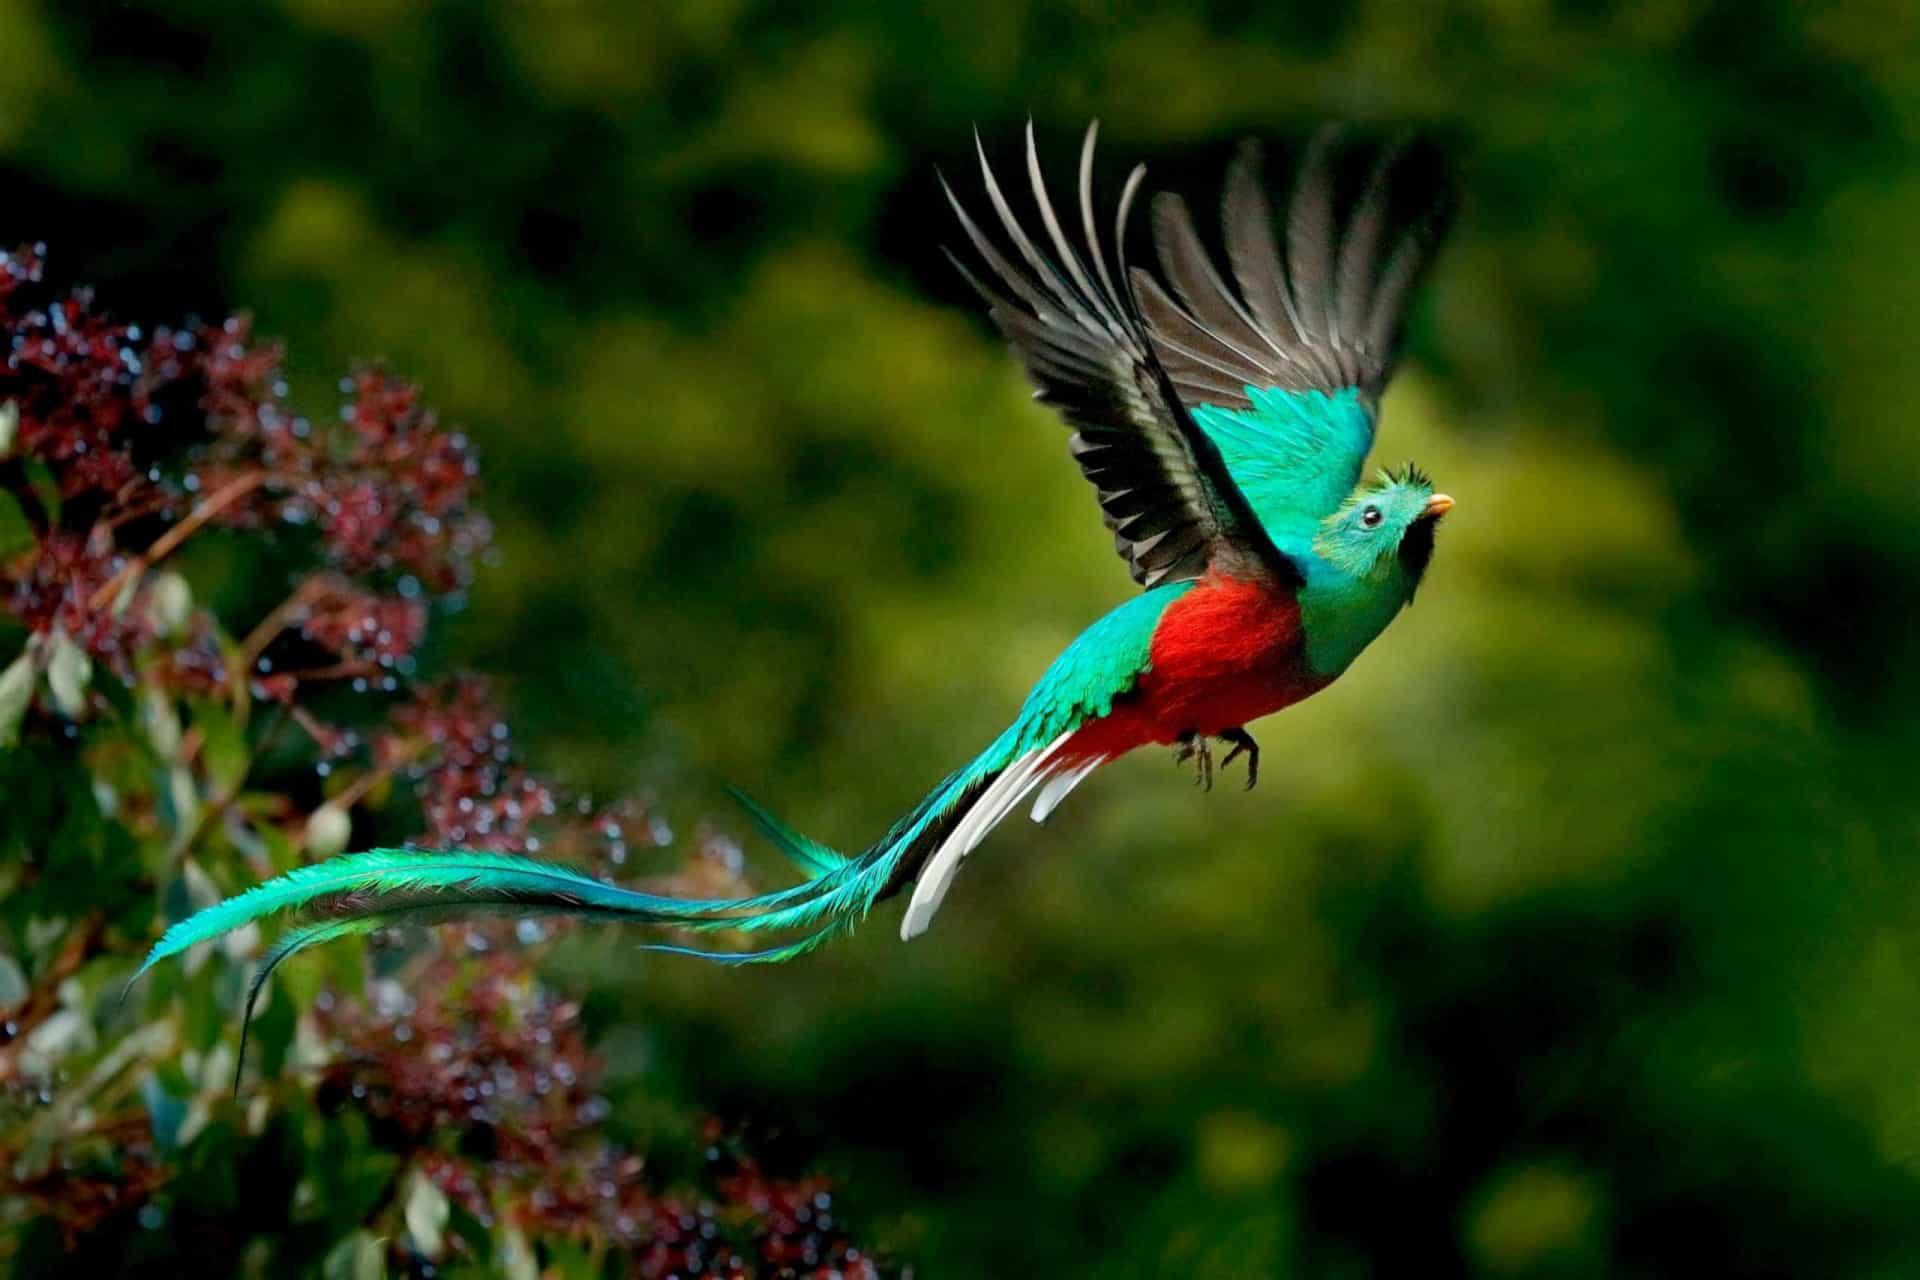 Hình nền chú chim có bộ lông đẹp